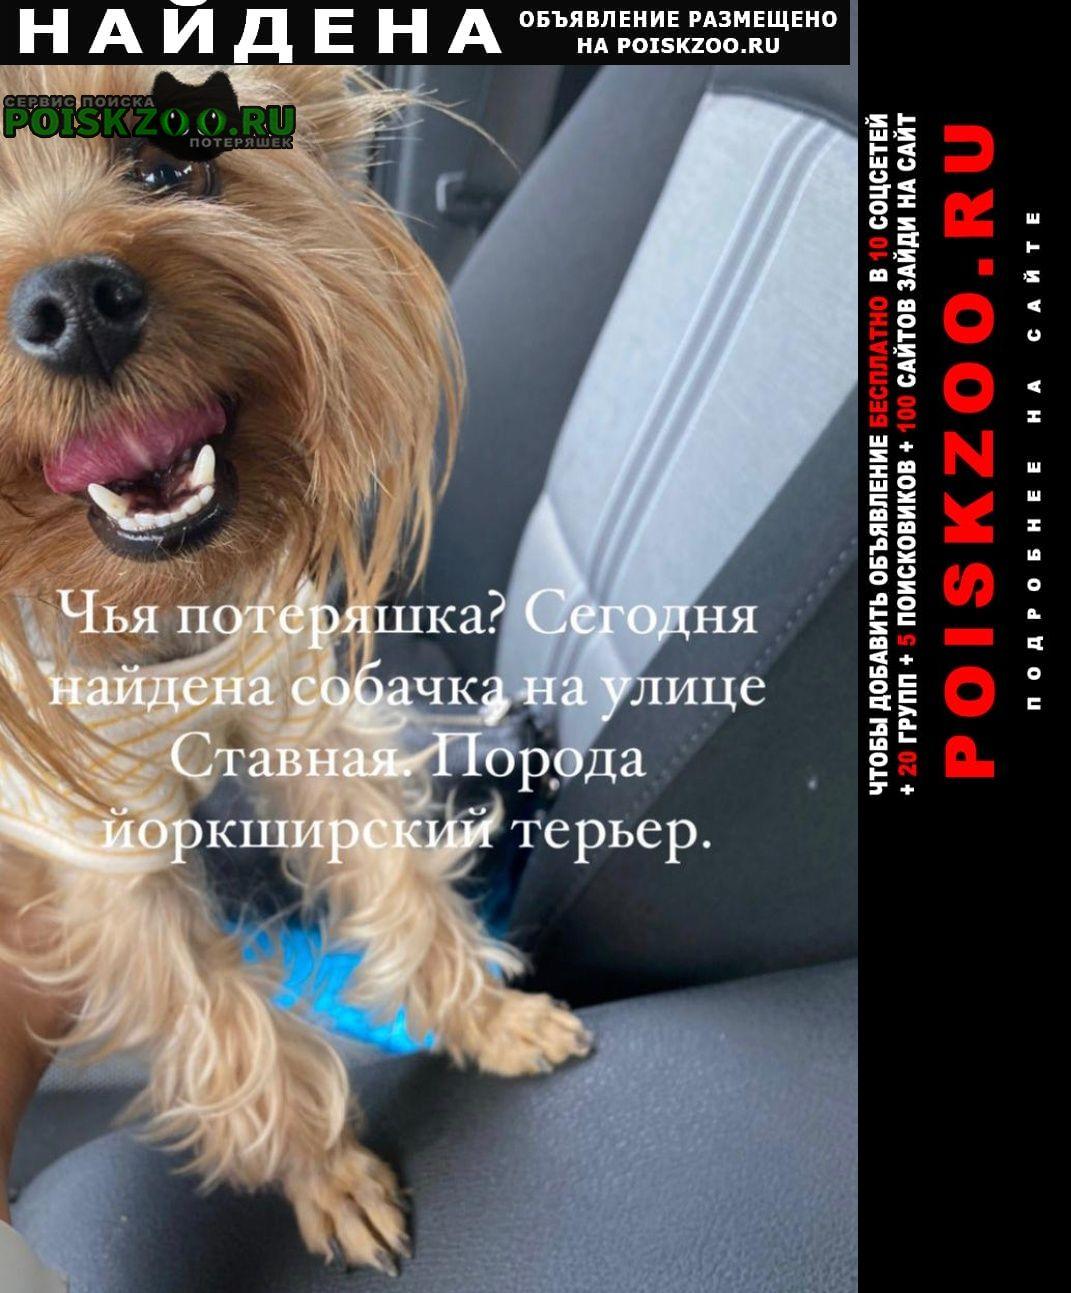 Найдена собака Энгельс